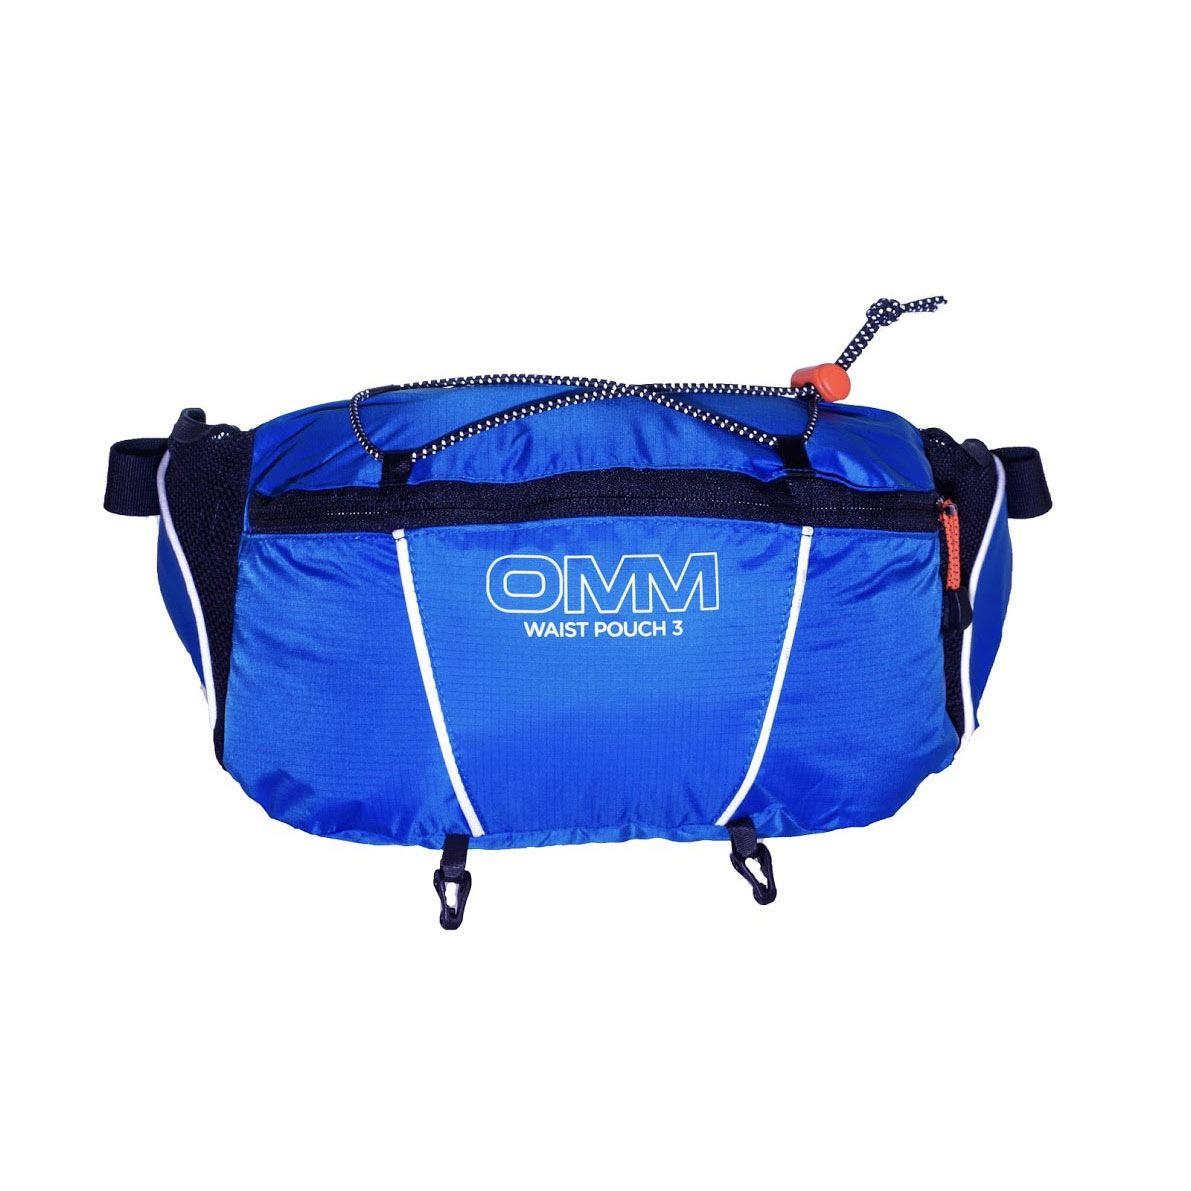 OMM-Waist-Pouch-3-Litres-Blue_1191x1191